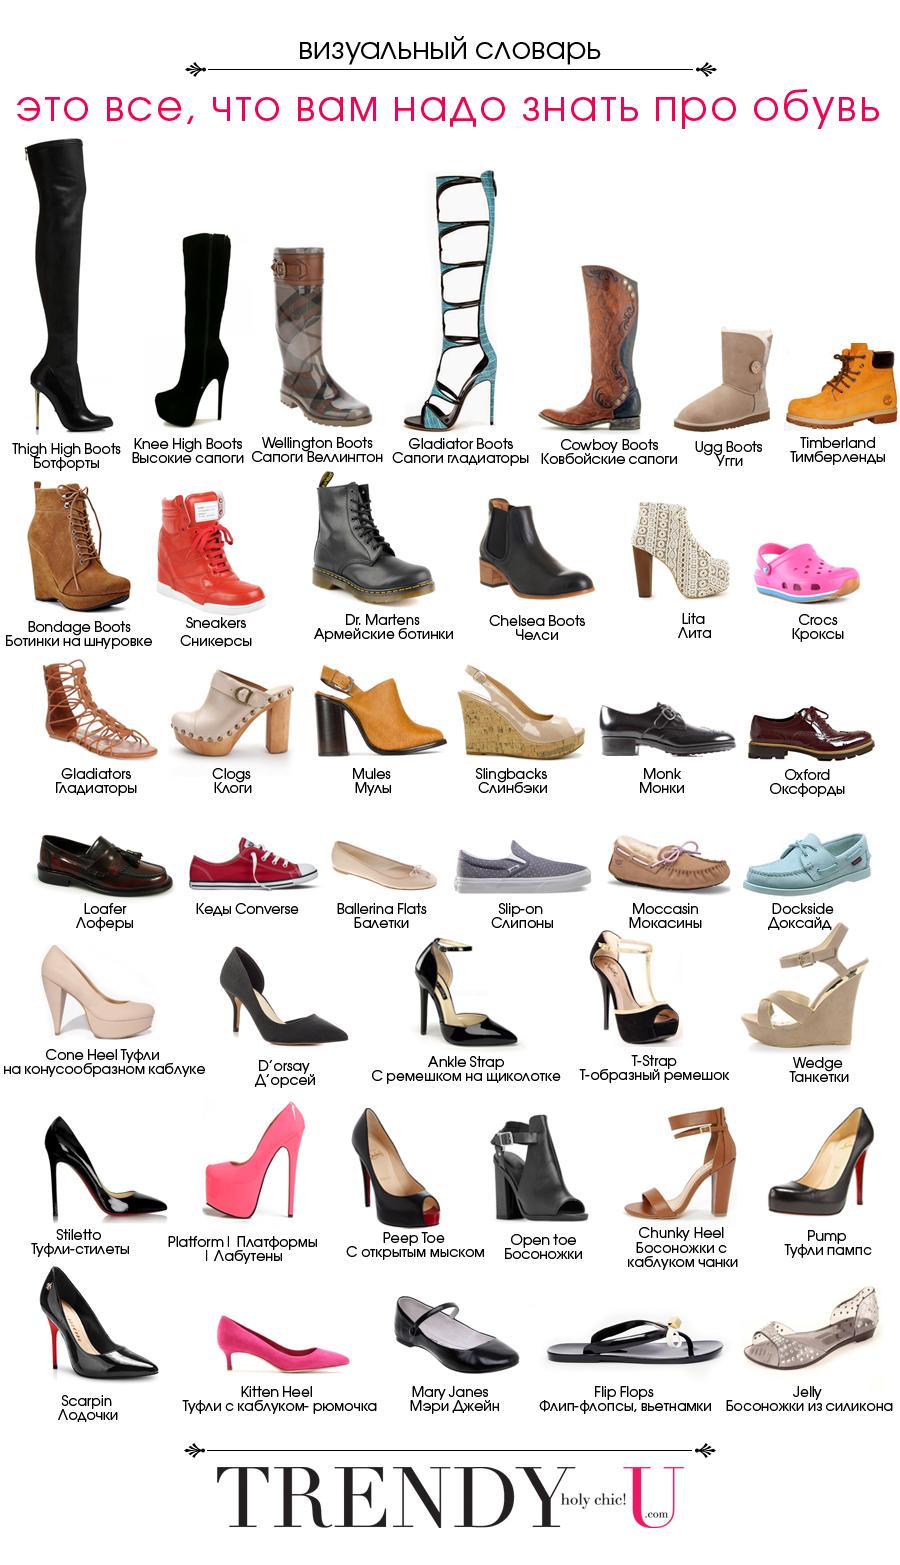 Словарь обуви